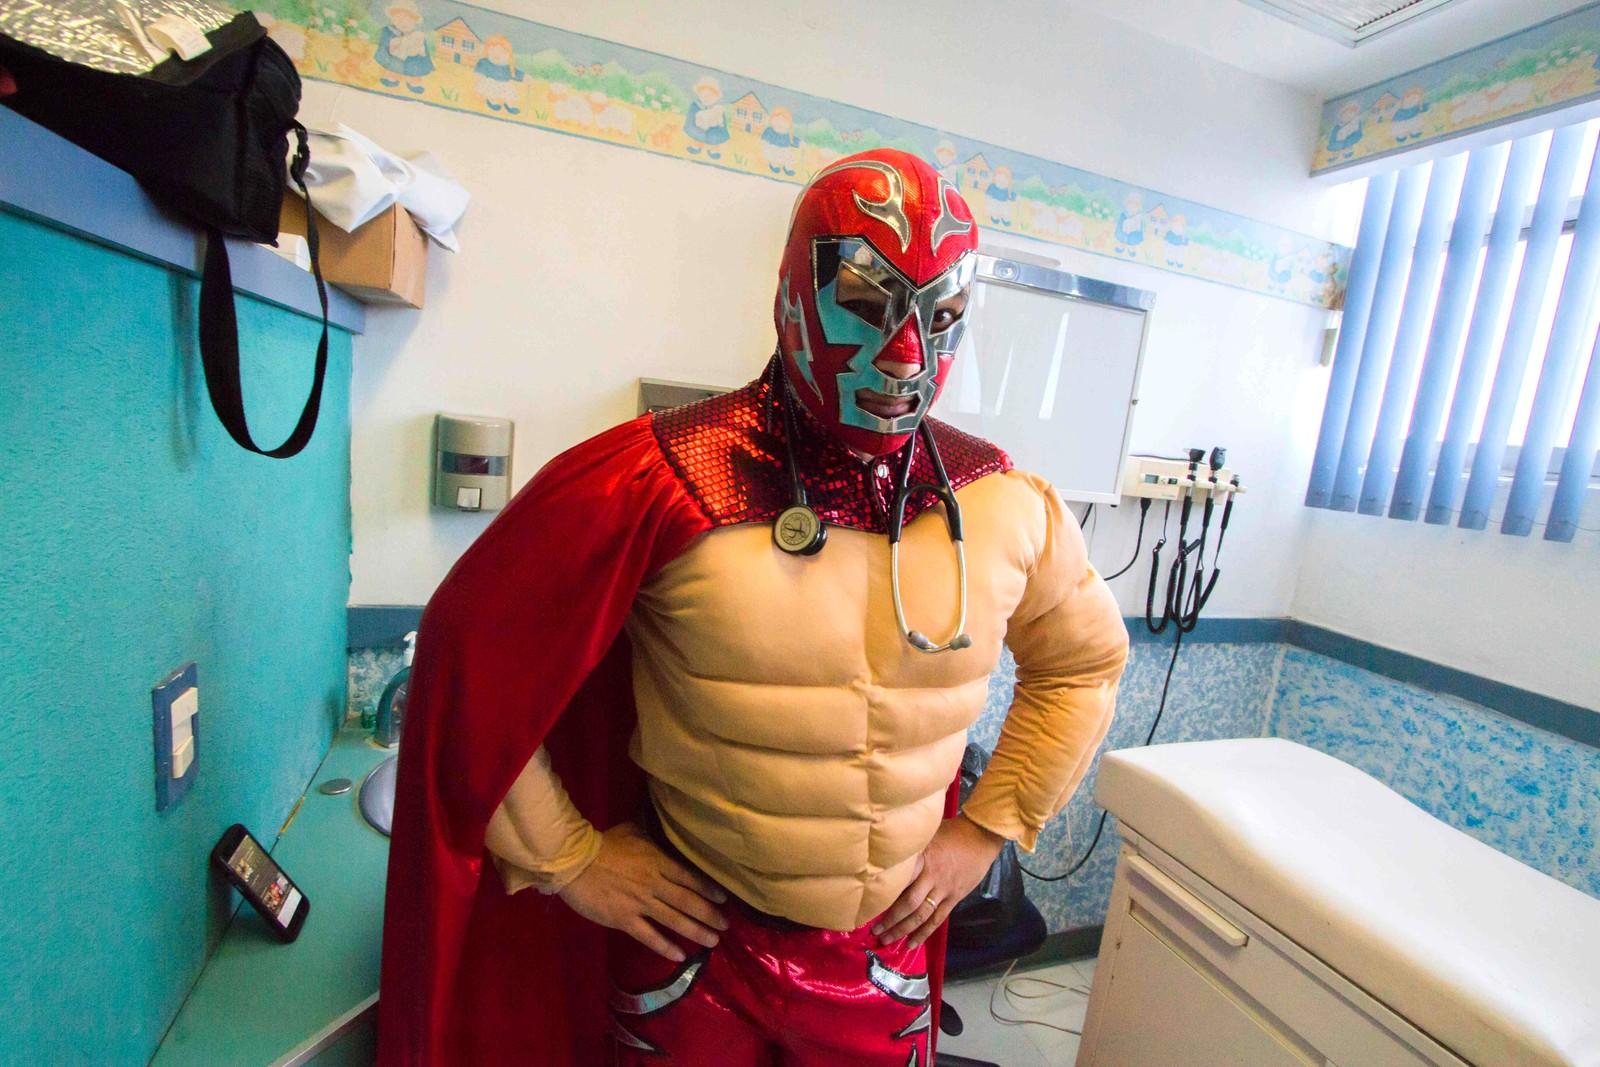 Den meksikanske onkologisten Sergio Gallegos er her utkledd som en fribryter. En onkolog studerer og behandler kreft. Gallegos jobber med barn som har kreft, og pleier å kle seg ut som forskjellig karakterer fordi han mener at godt humør er viktig for å kunne bekjempe sykdommen. Bildet er tatt den 12. juli.